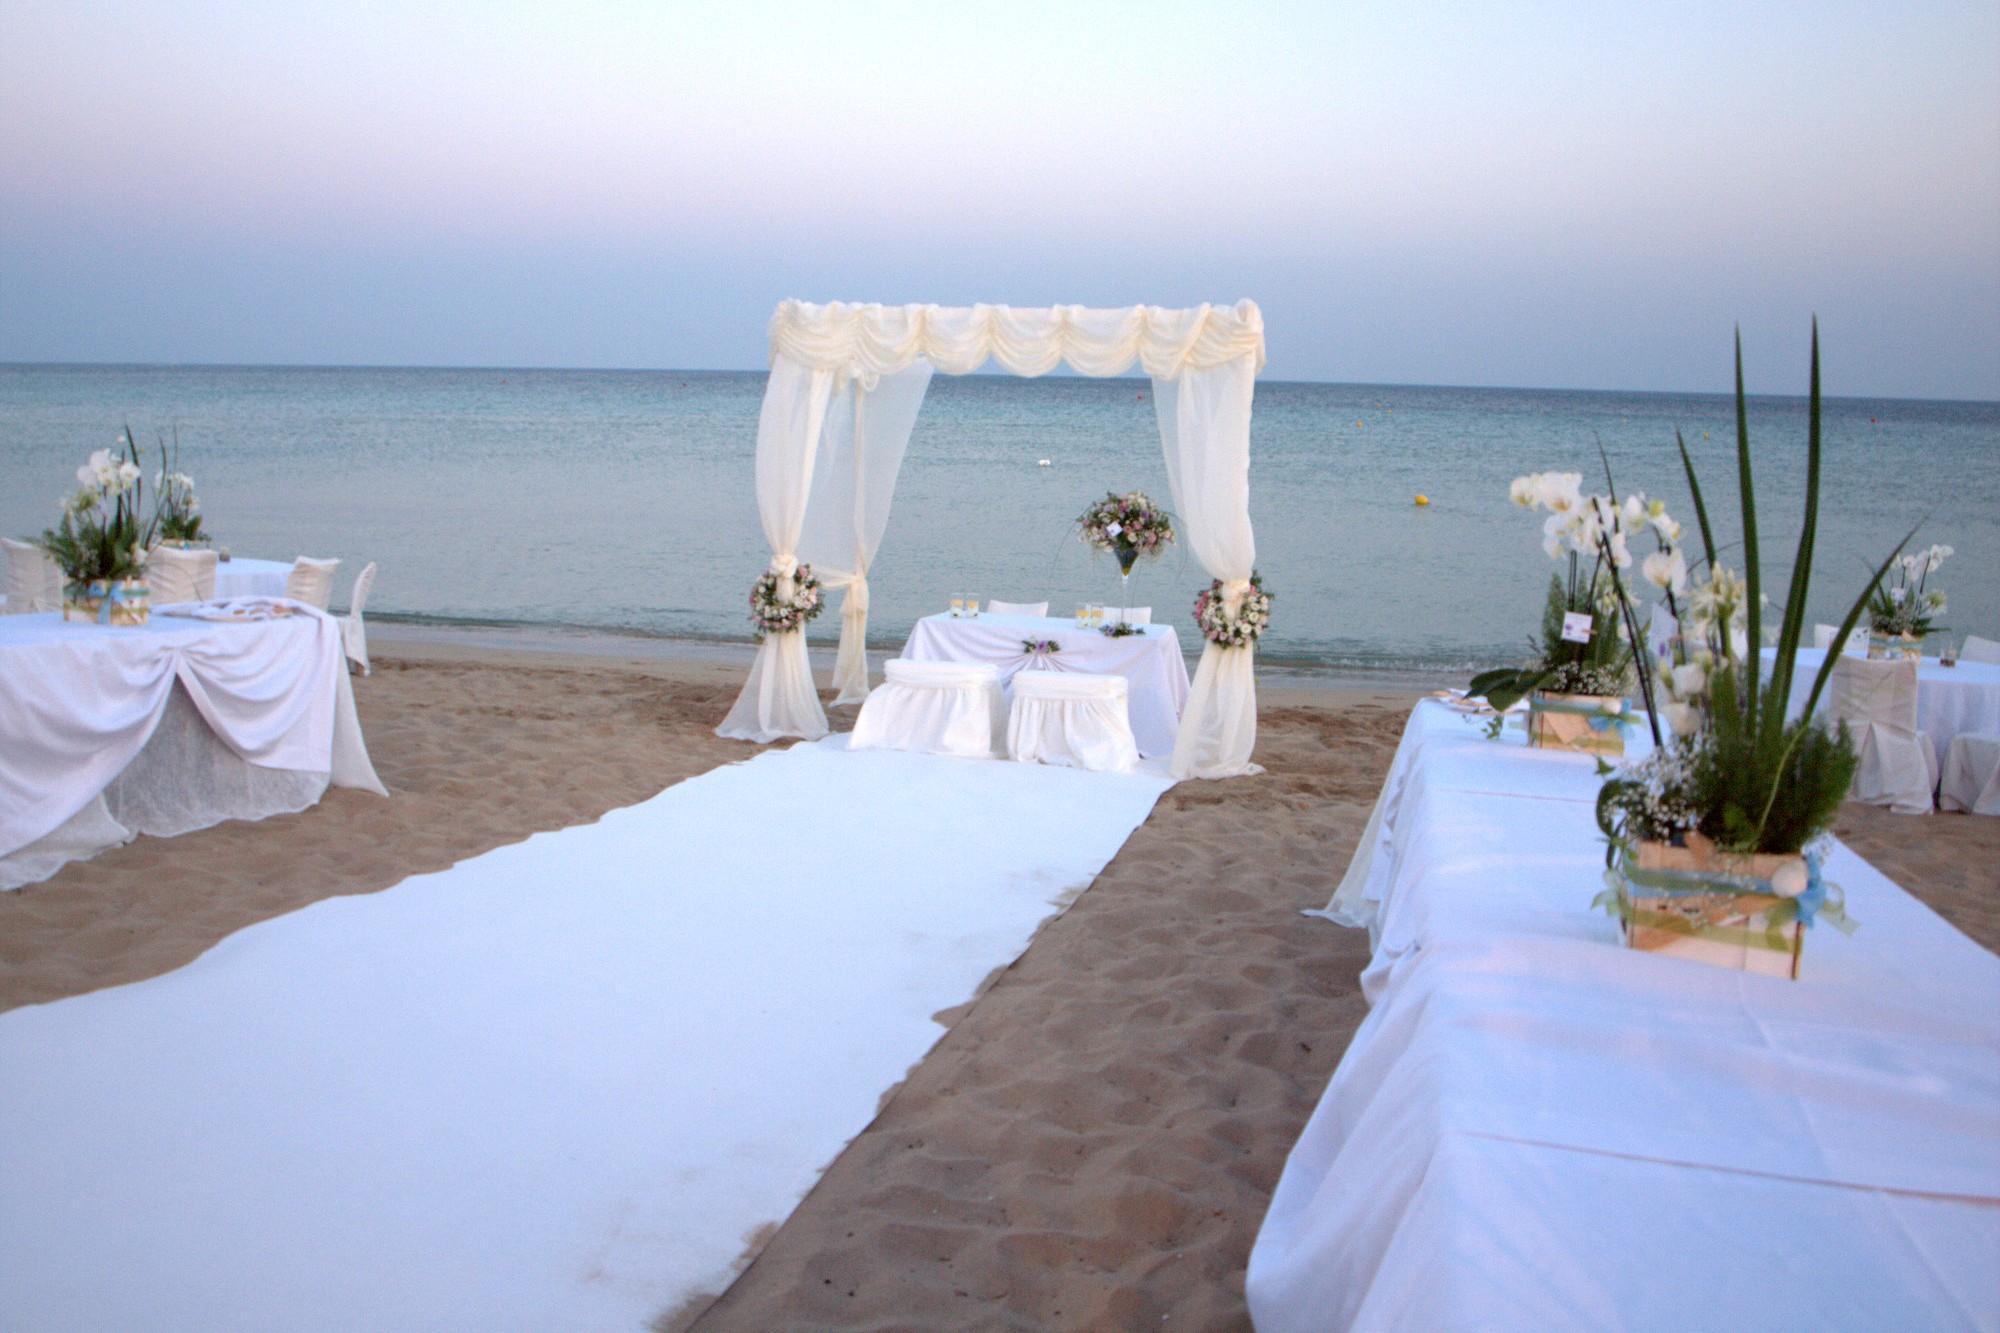 Matrimonio Spiaggia Estero : Matrimoni all aperto anche in italia la rivoluzione